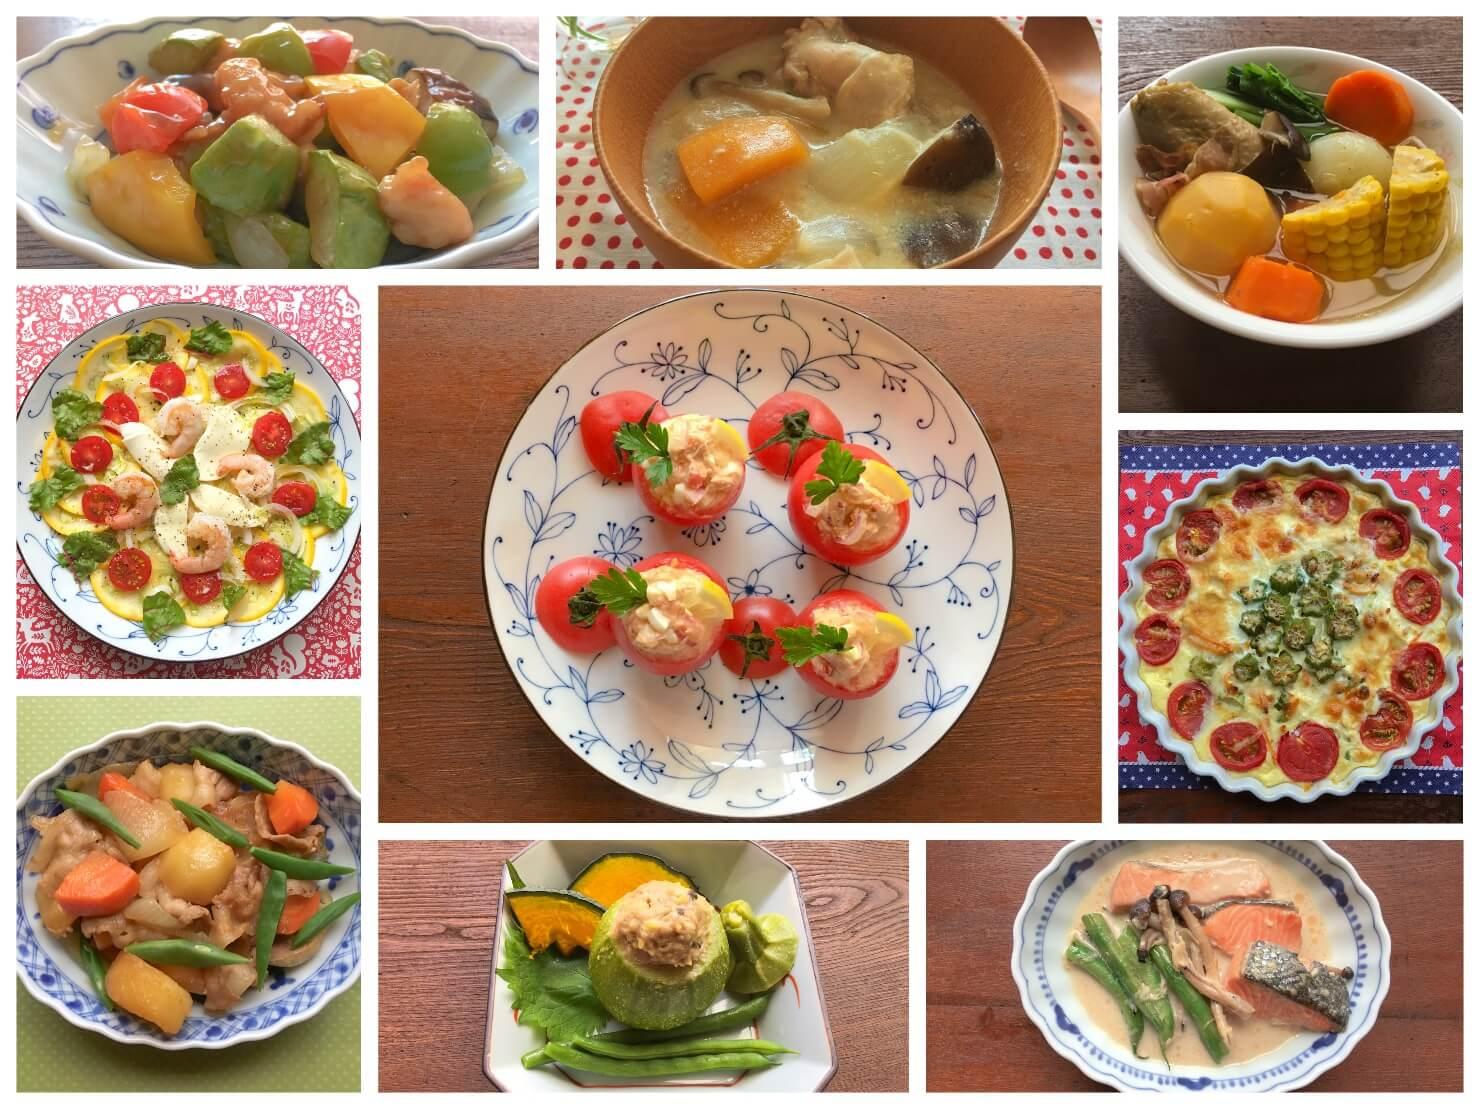 野菜料理の写真のコラージュ